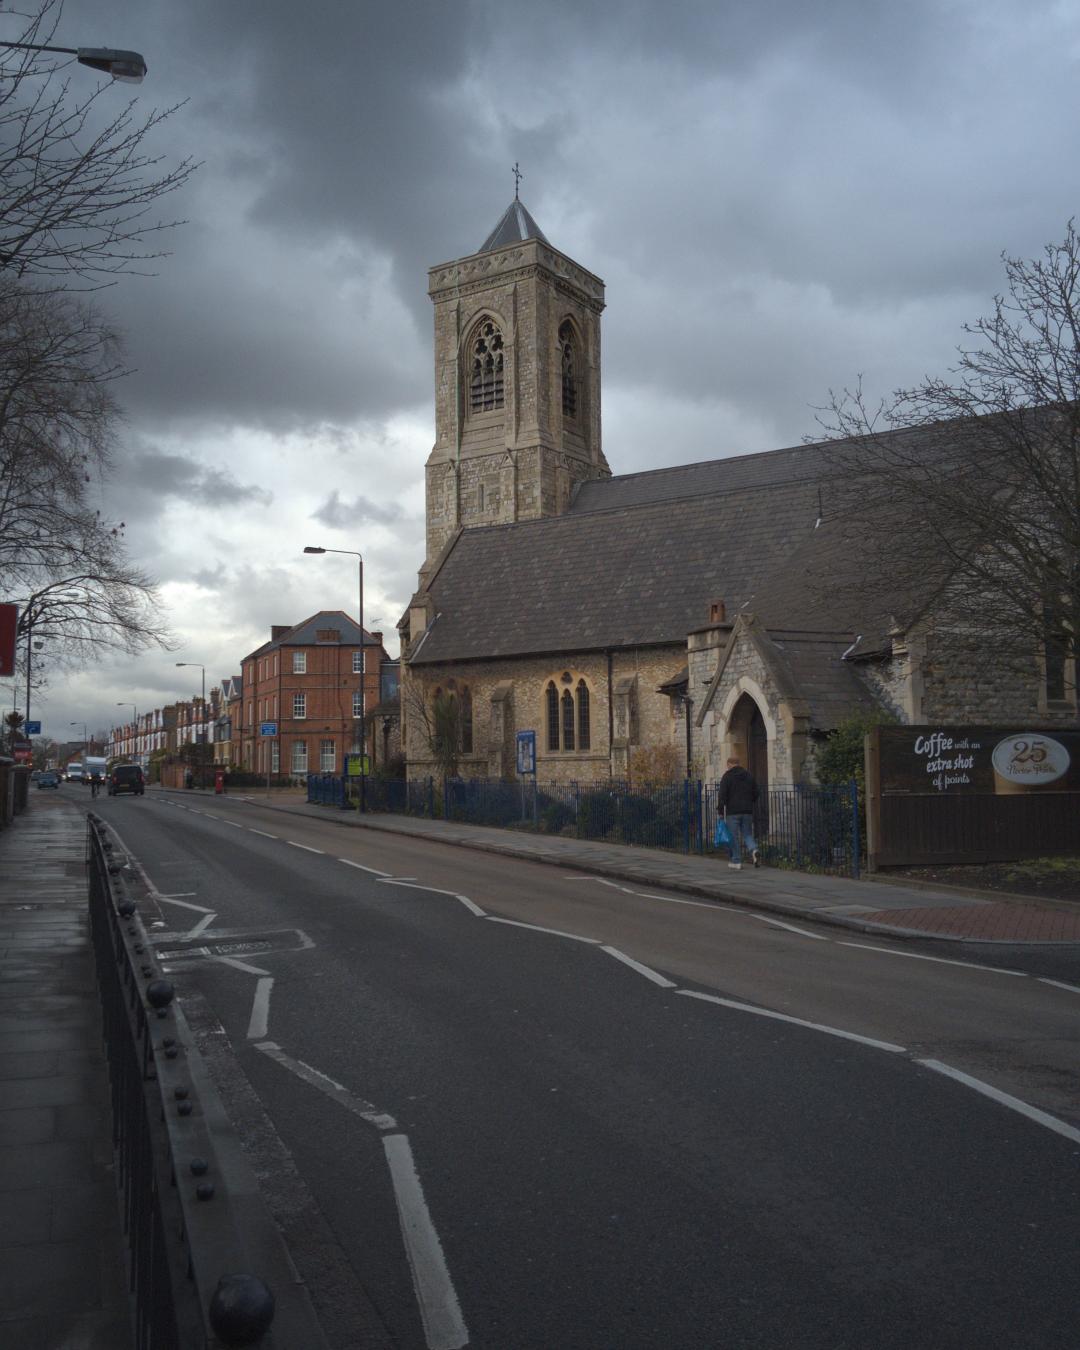 ロンドン地下鉄トゥーティング・ベック駅近くのアッパー・トゥーティング聖三一(ホーリー・トリニティー)教会の写真。2016年3月9日撮影。